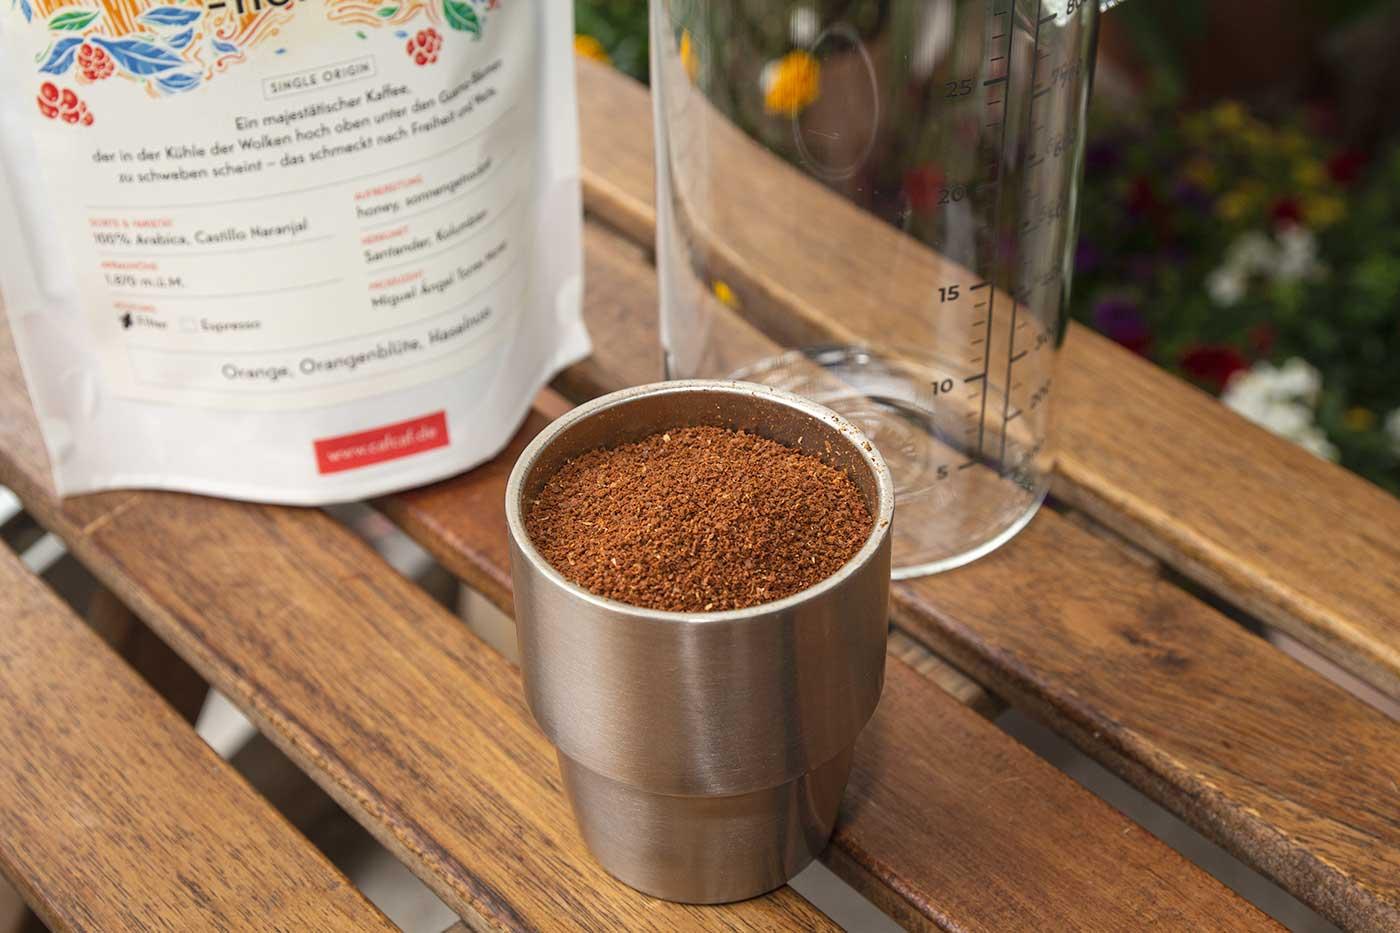 CafCaf Cold Brew Zubereitung: Schritt 1 Kaffee grob mahlen